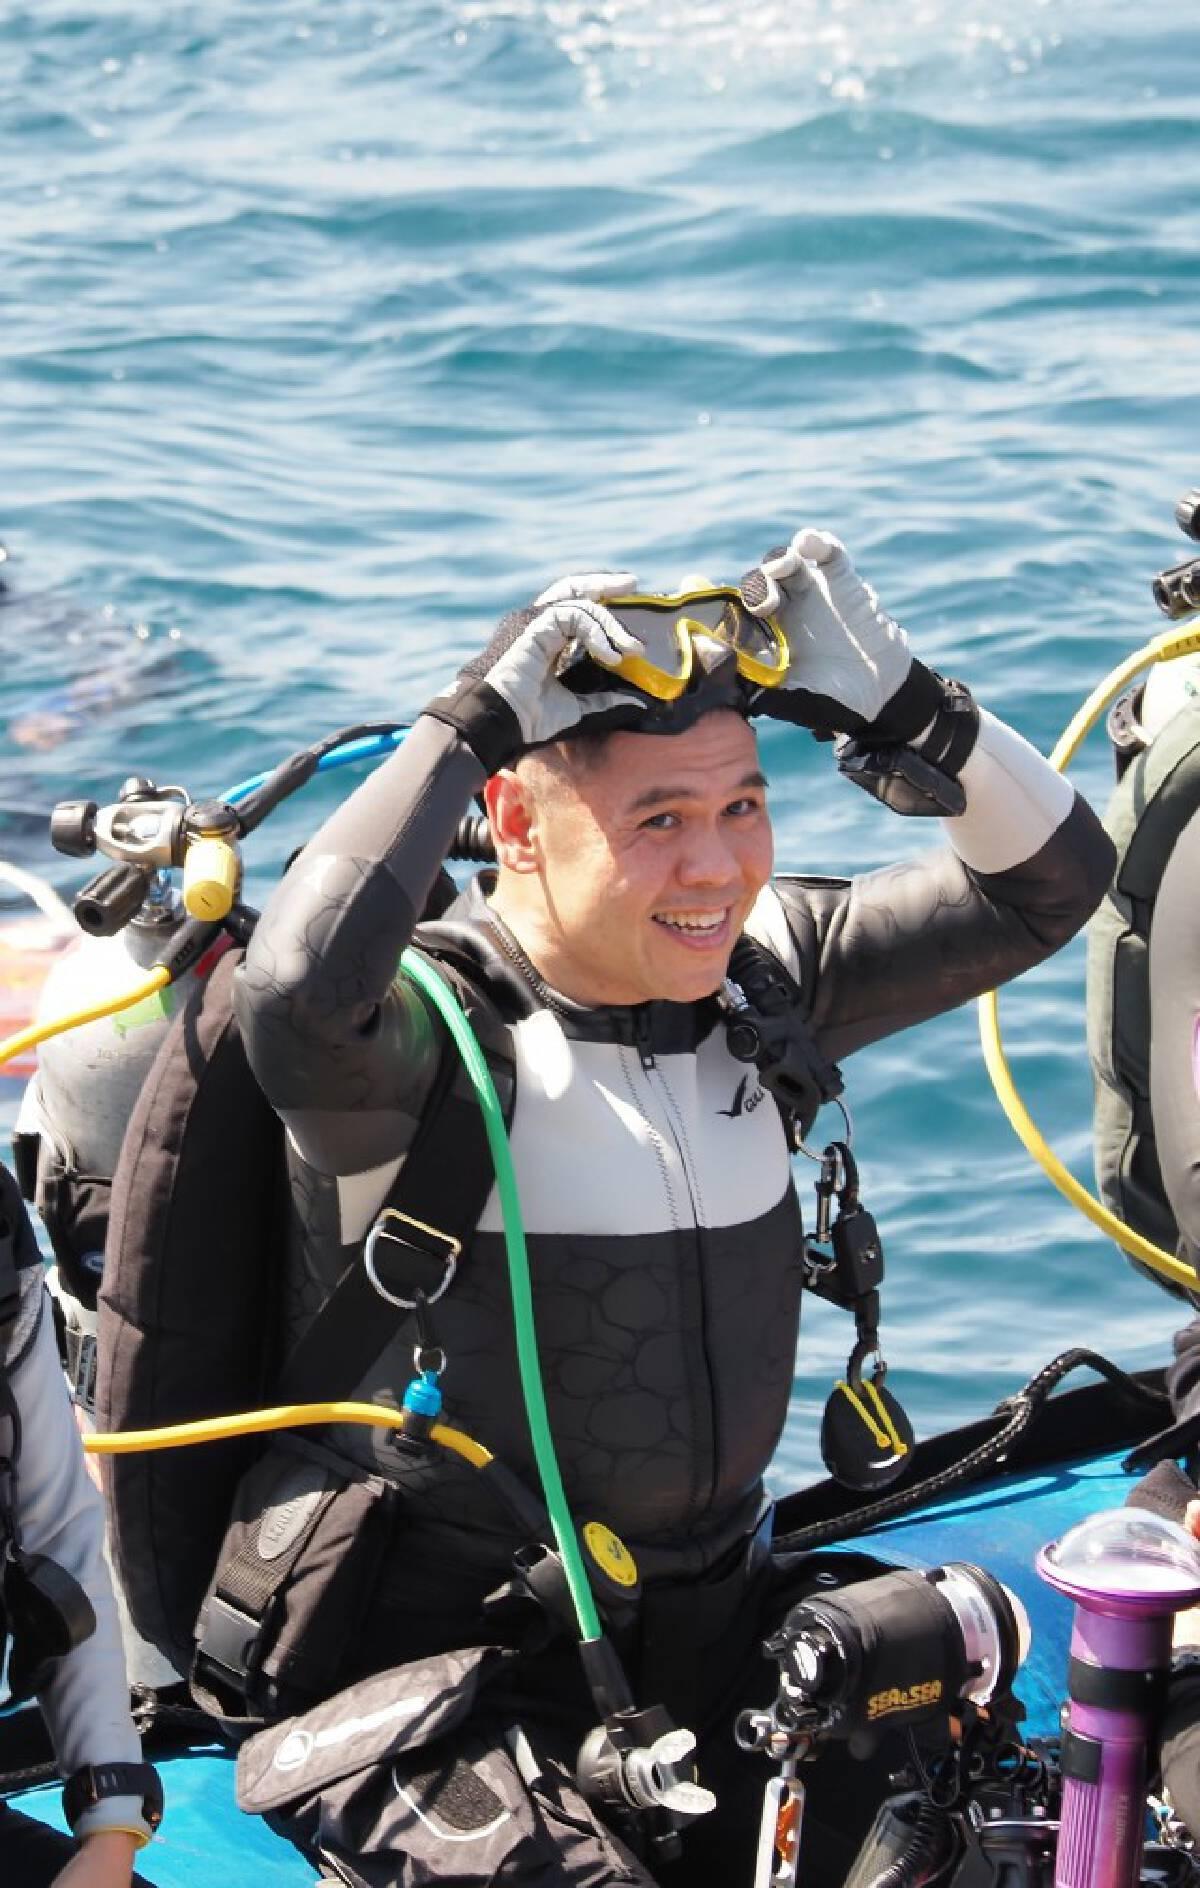 ทส.มอบปะการังเทียมให้เครือข่ายชุมชนดูแลและปกป้อง